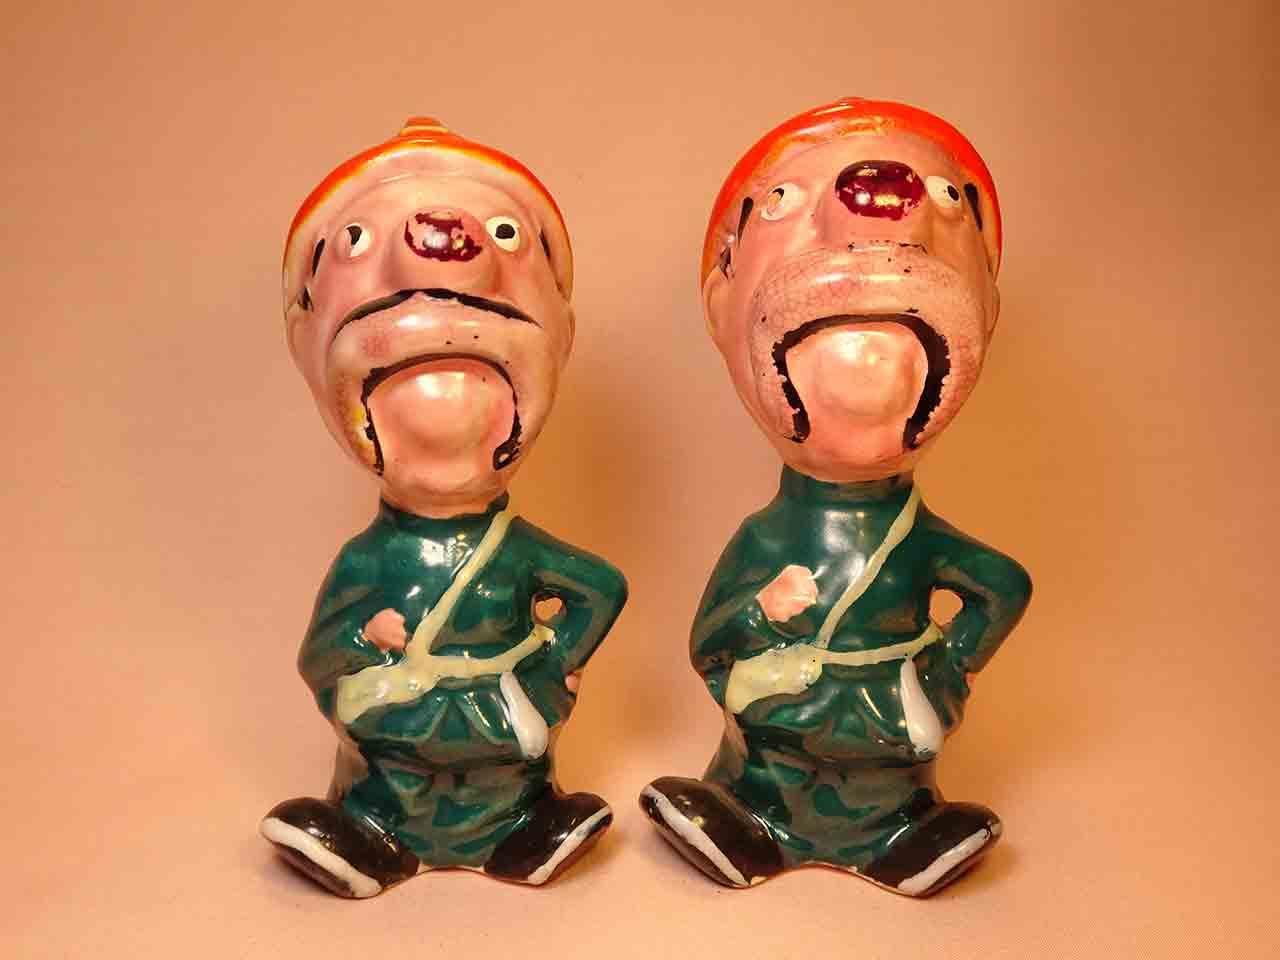 Clown-like strange fellows salt and pepper shakers - firemen